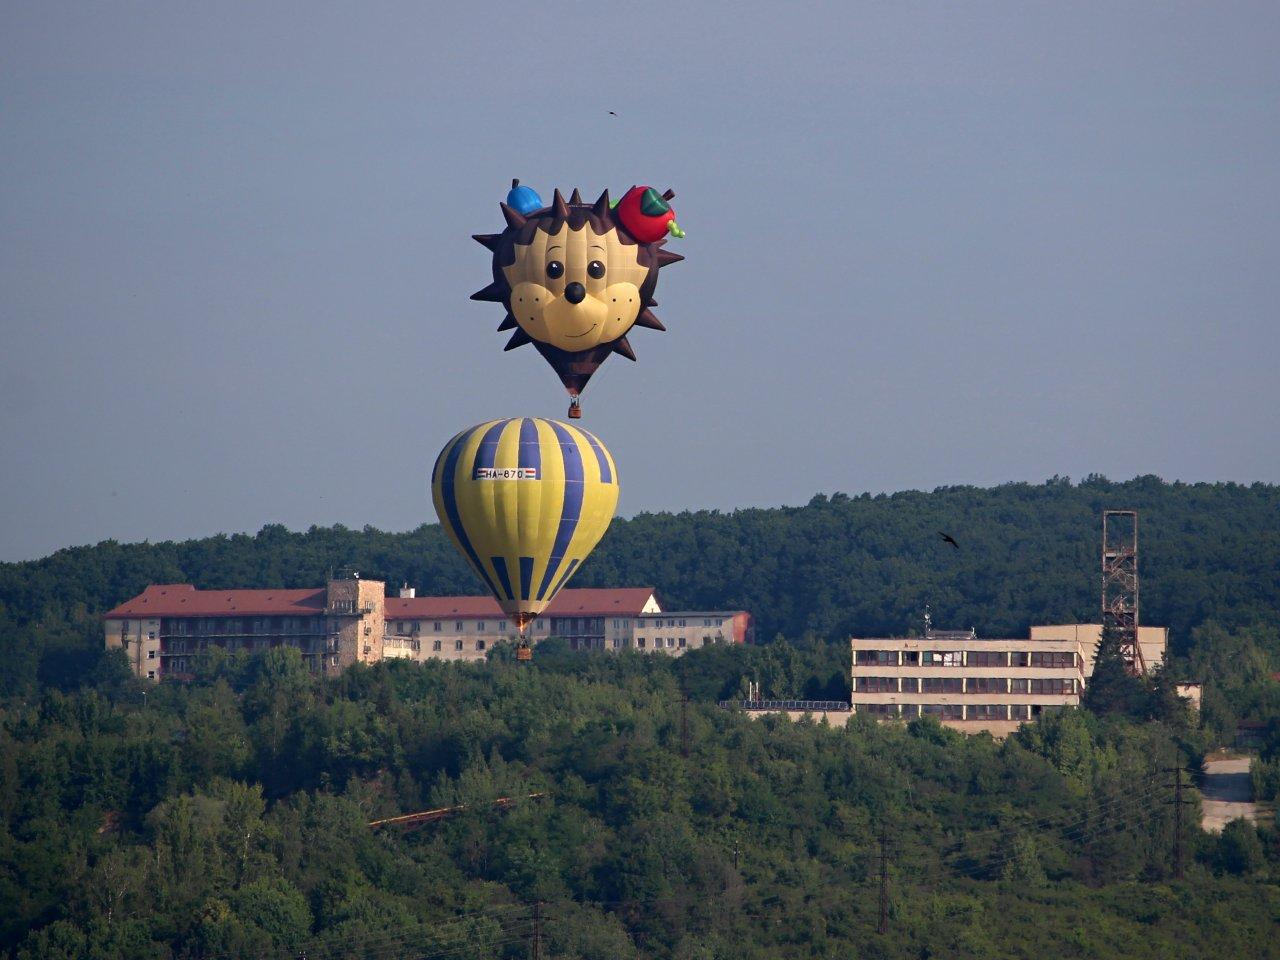 Balloon Fiesta 2018 in Kosice, Slovakia – 7